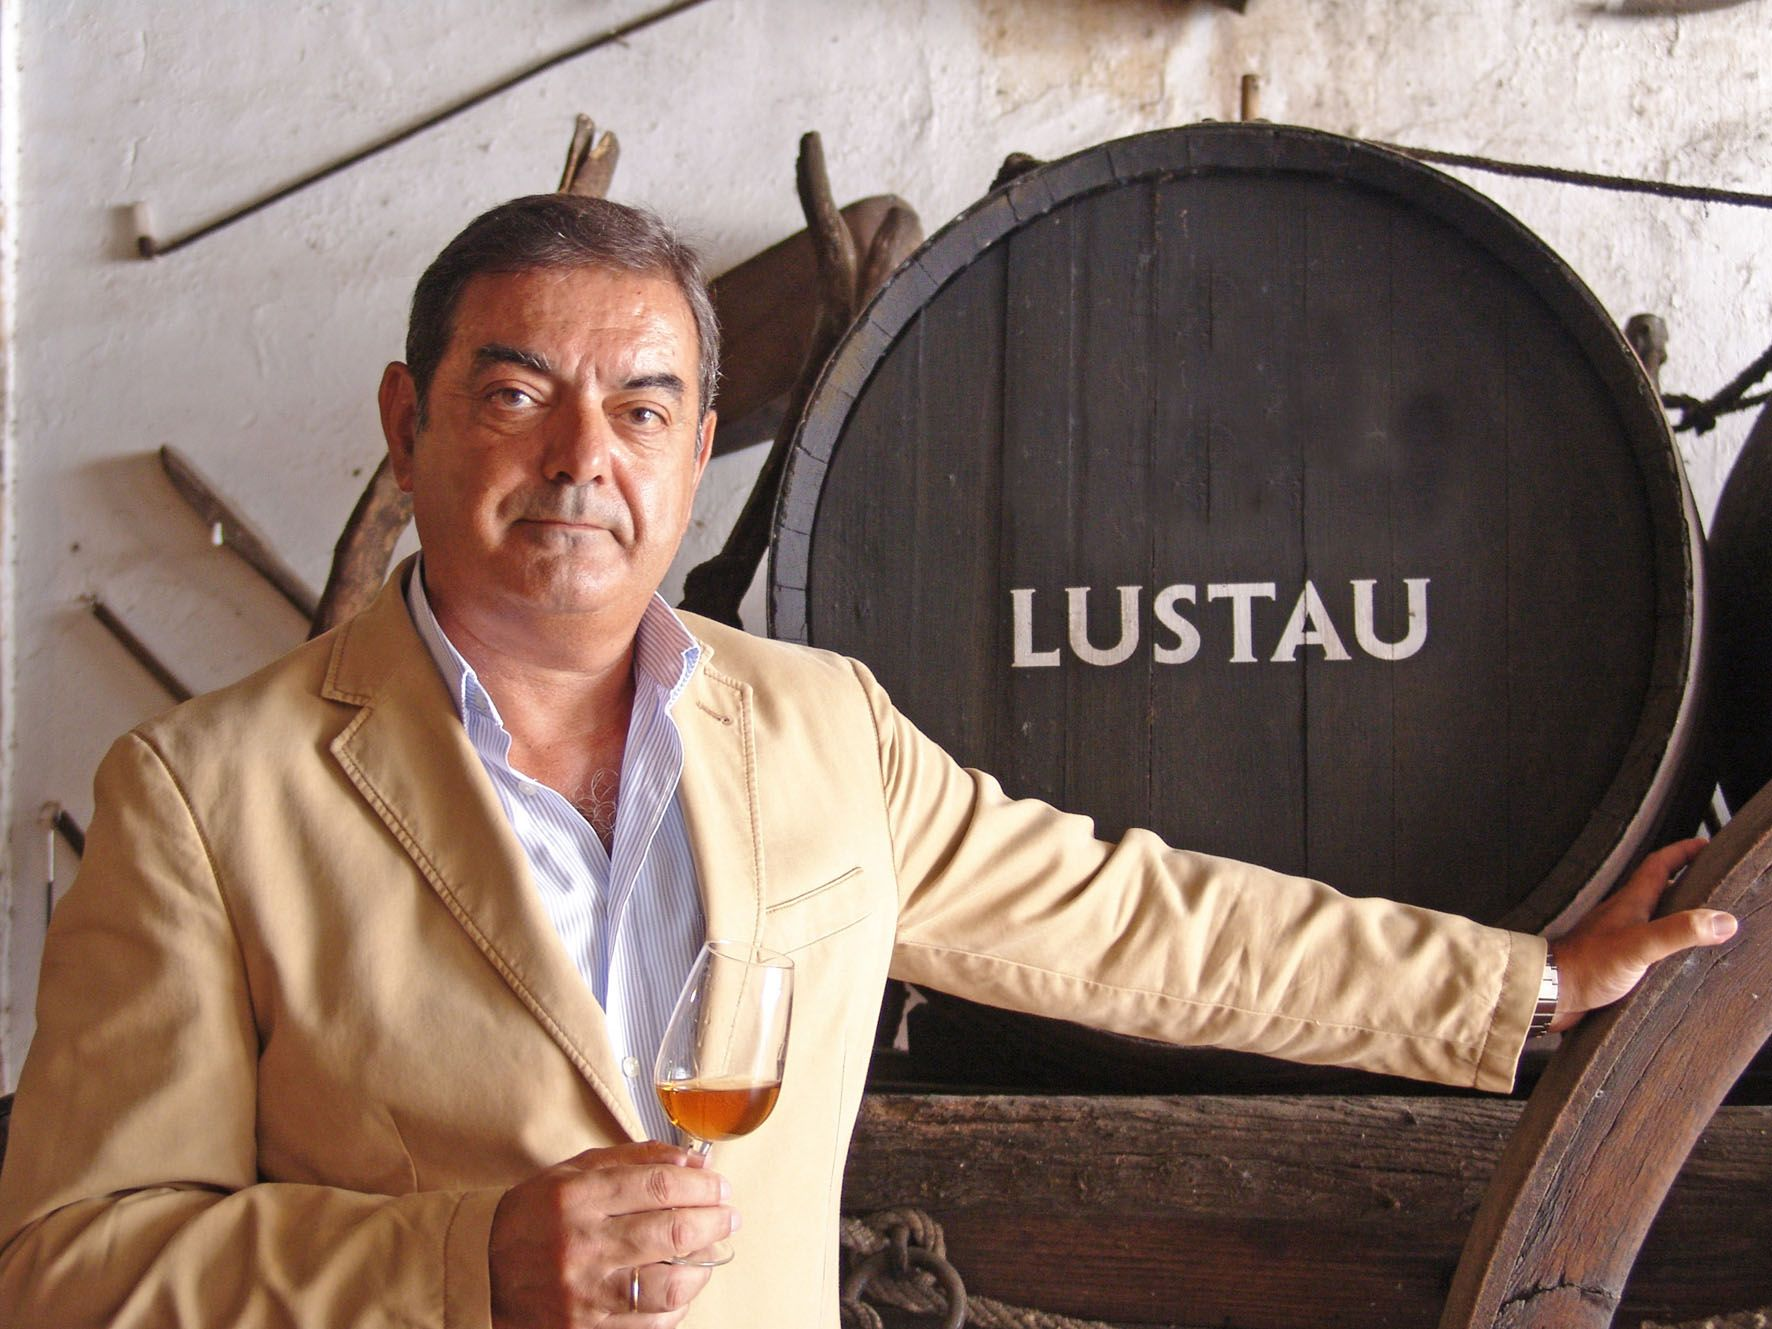 El enólogo y capataz de Bodegas Lustau, Manuel Lozano Salado, en una imagen de archivo